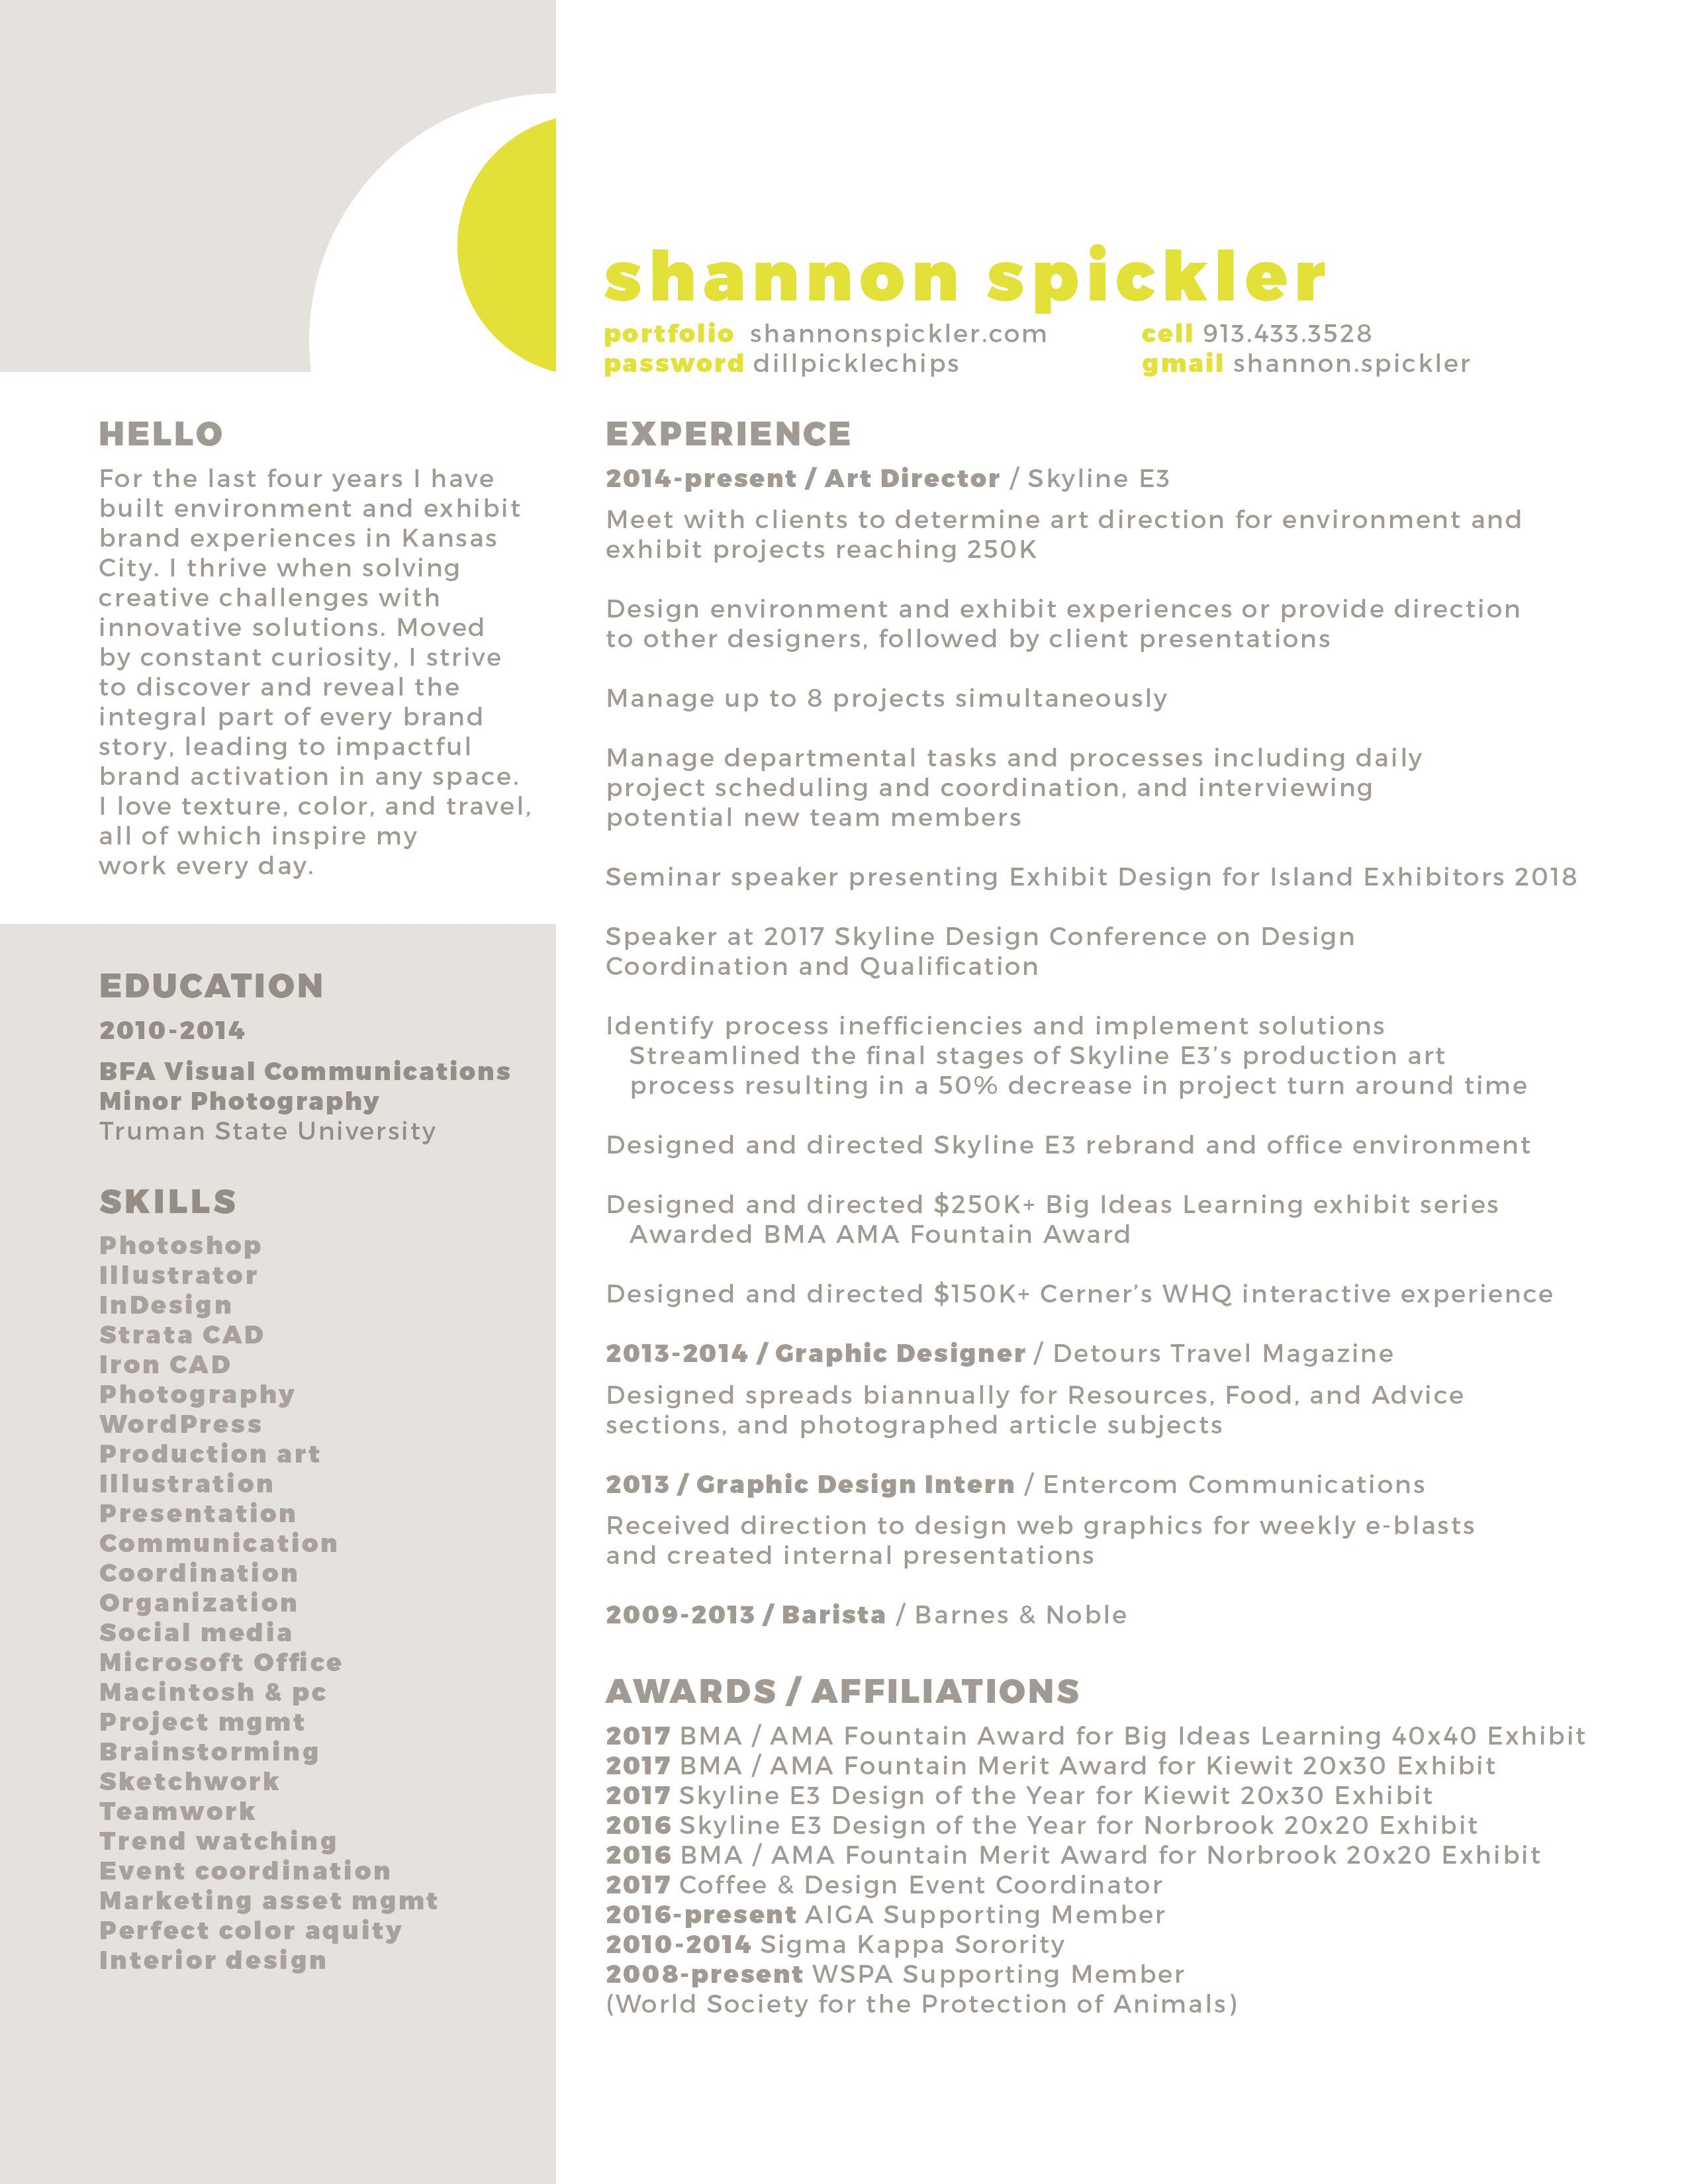 spickler-resume